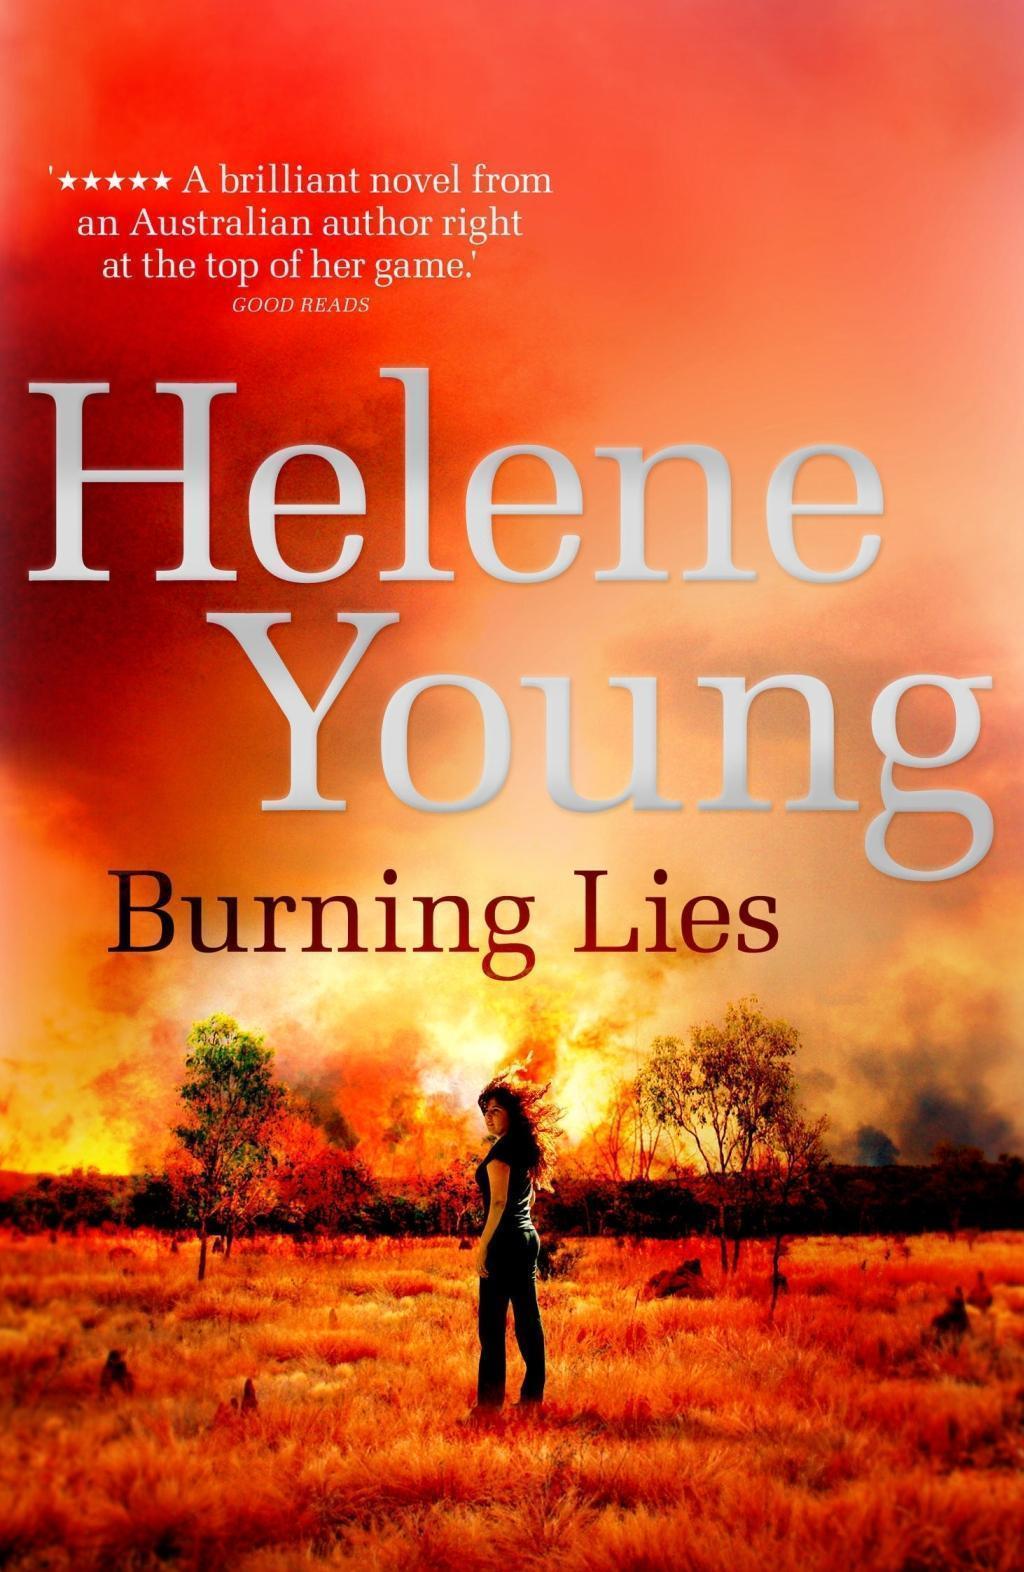 Burning Lies